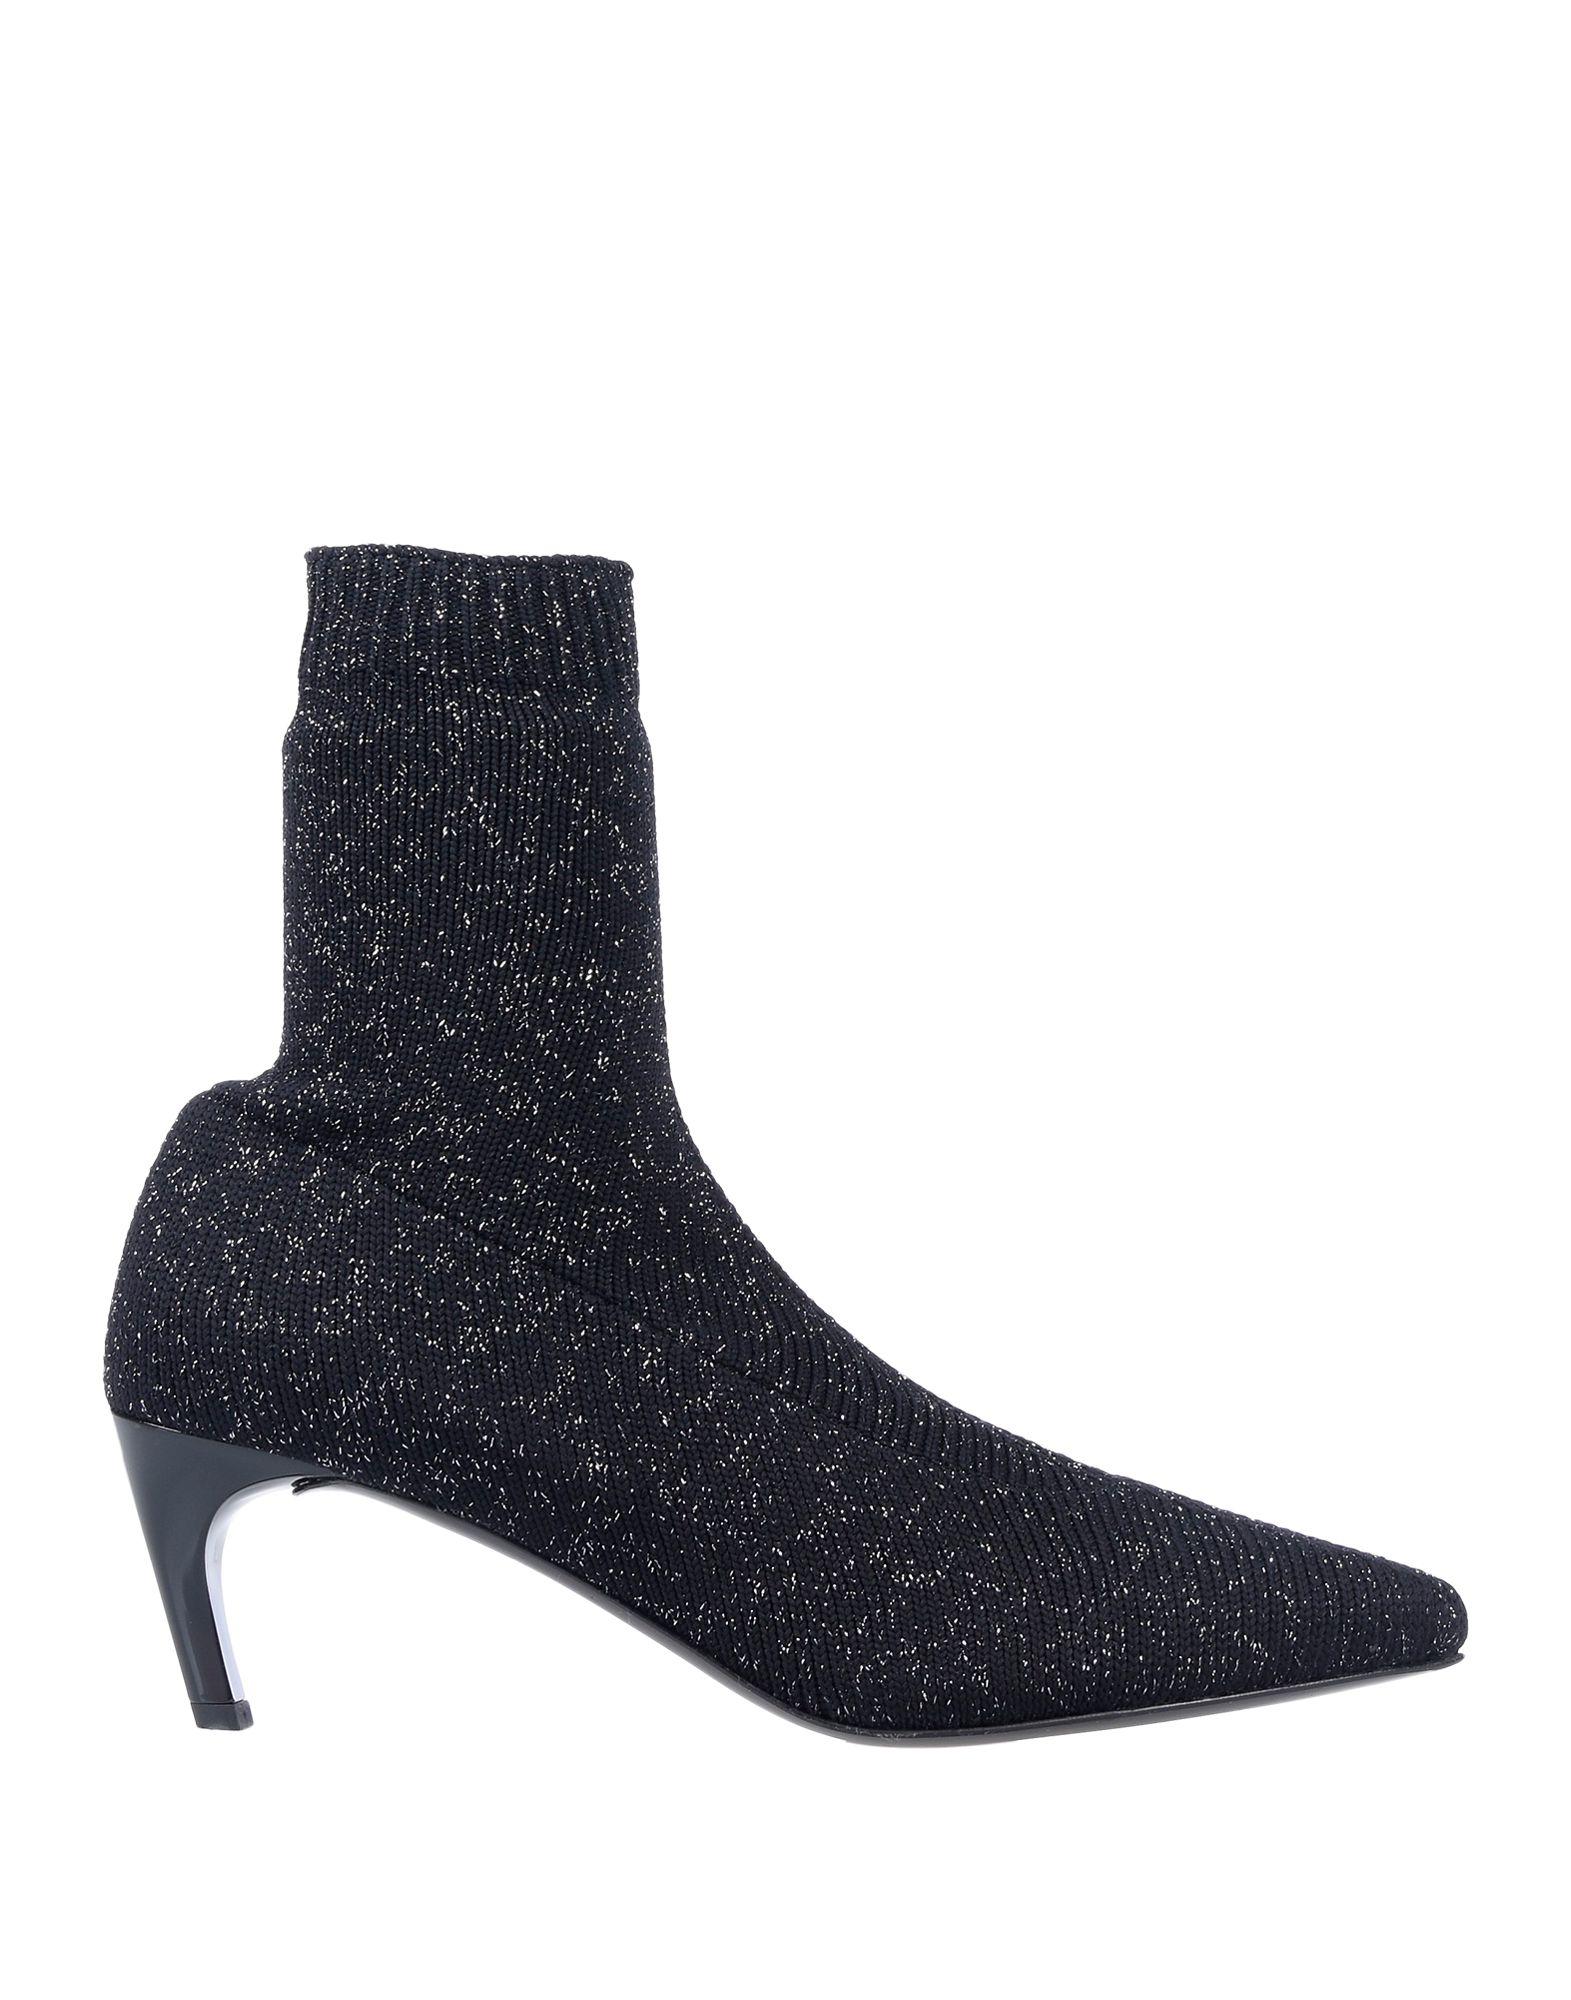 WO MILANO Полусапоги и высокие ботинки o6 milano полусапоги и высокие ботинки